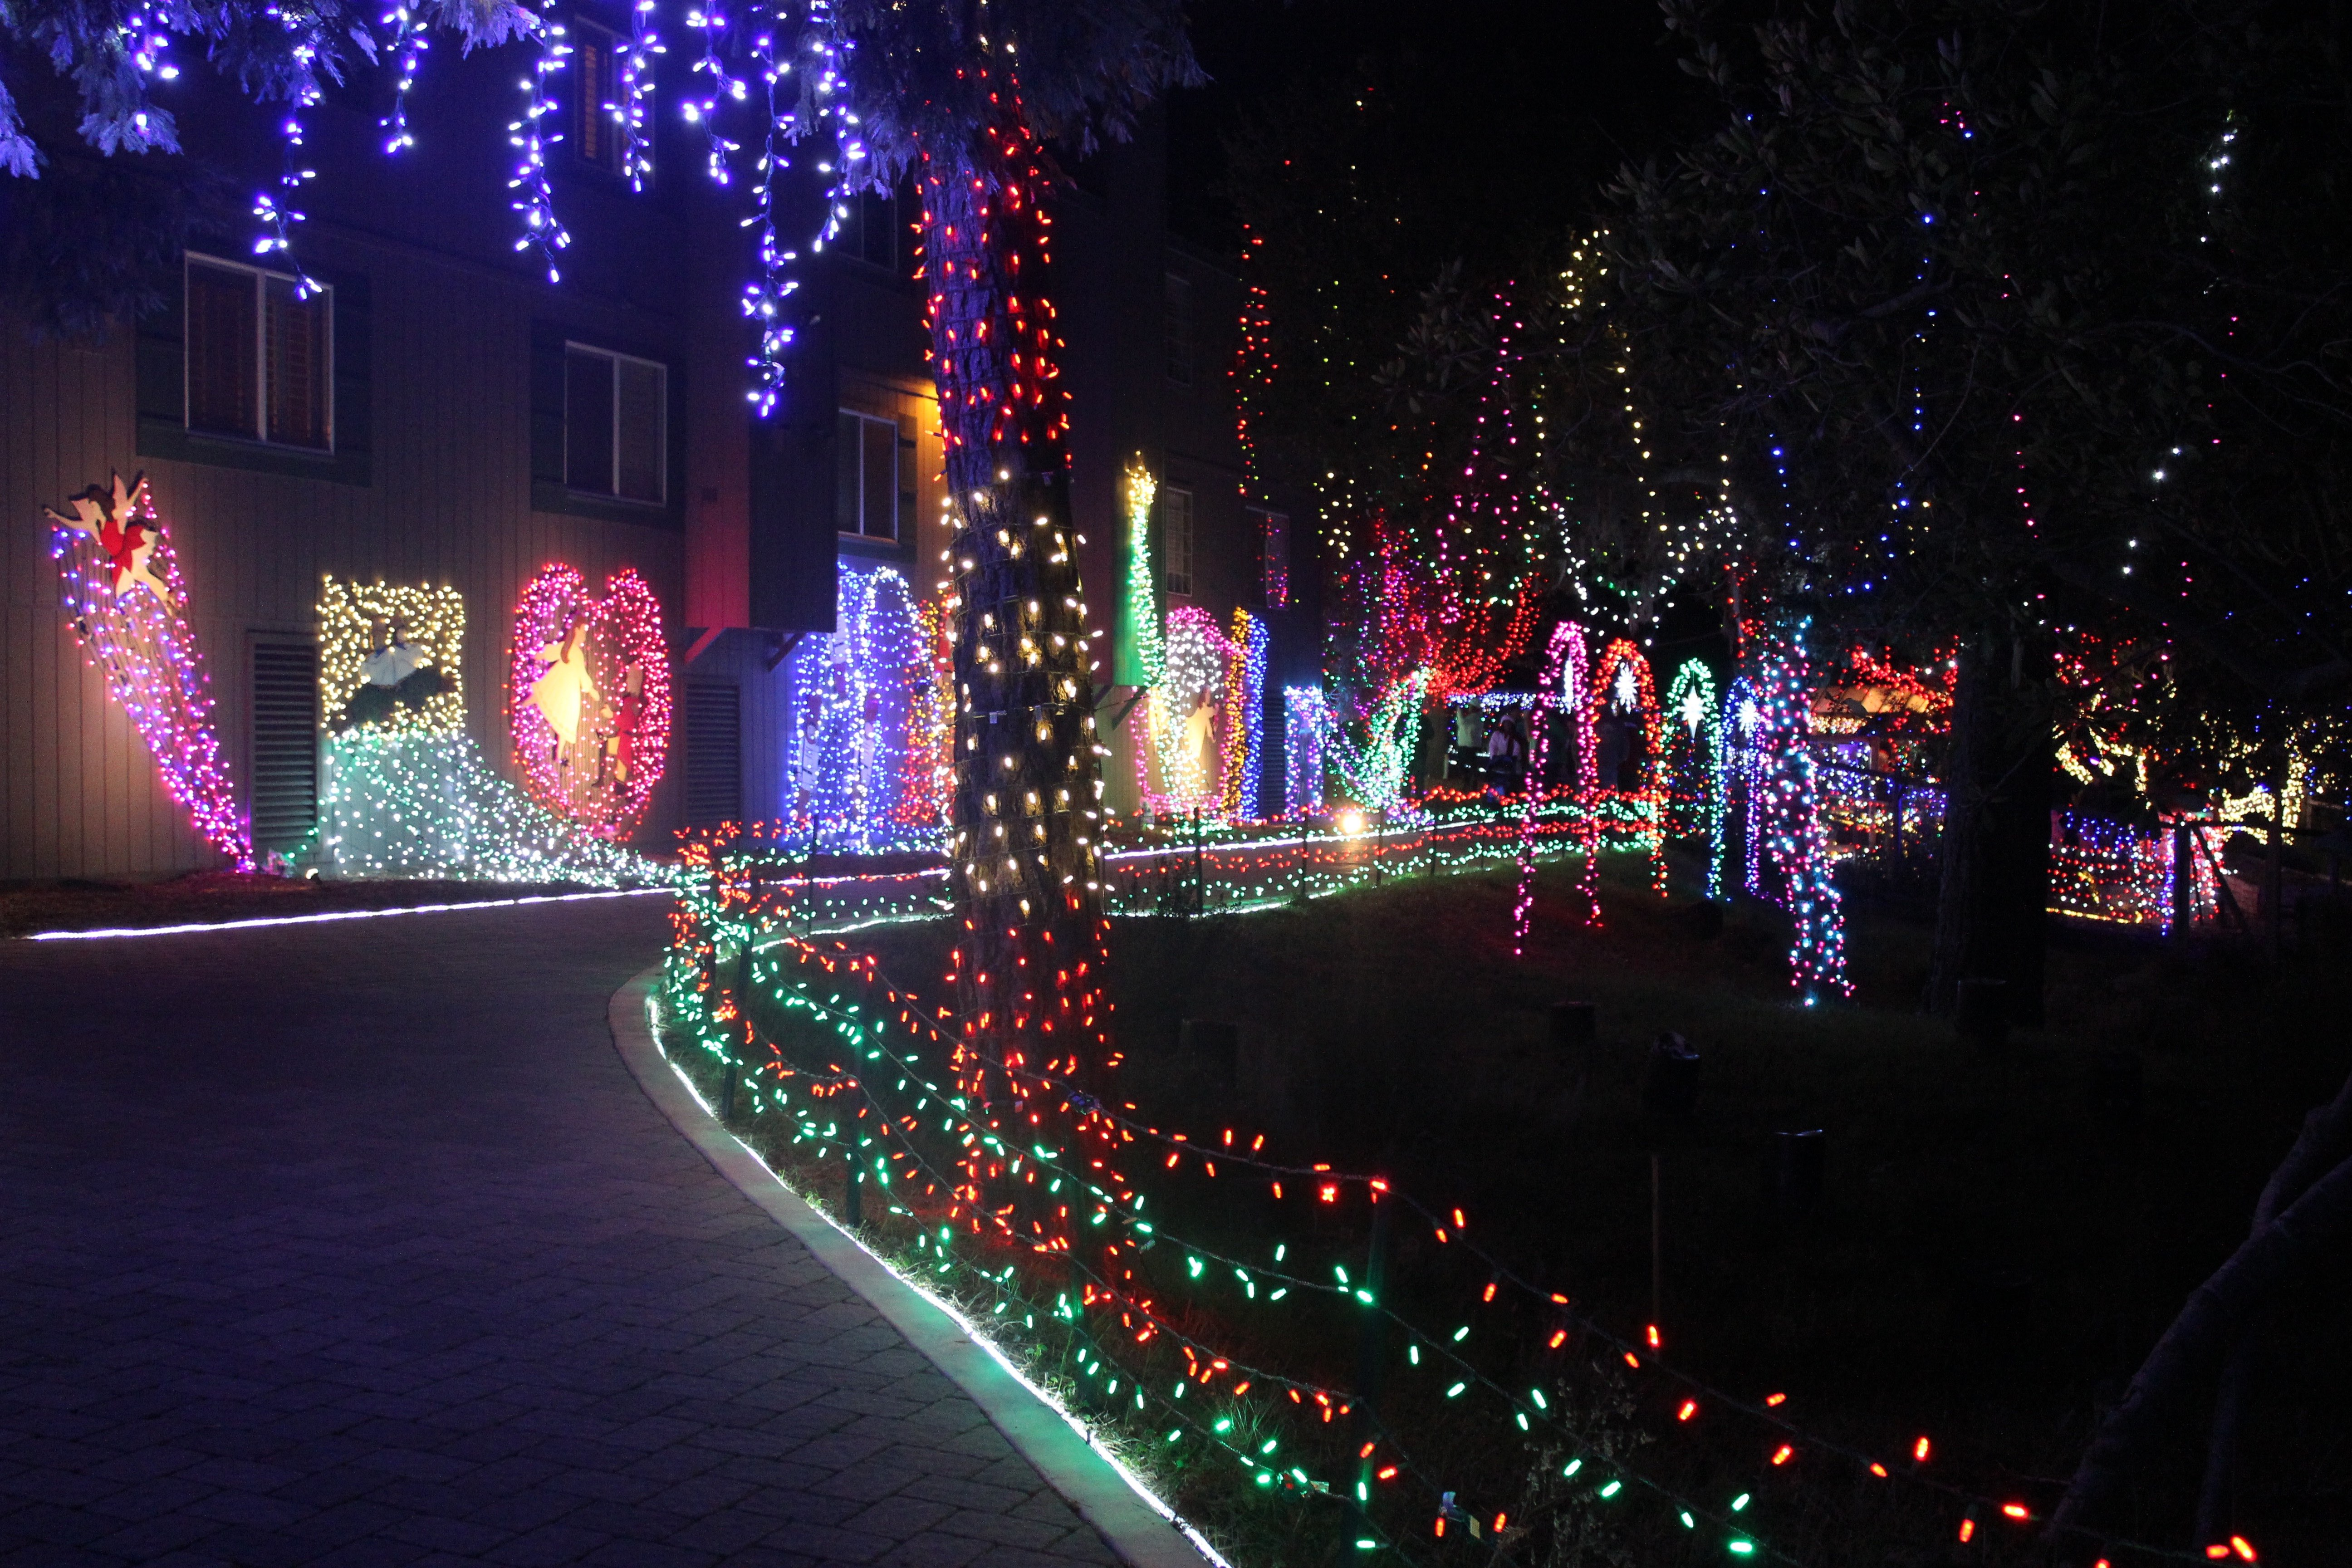 Christmastime in Cambria, California